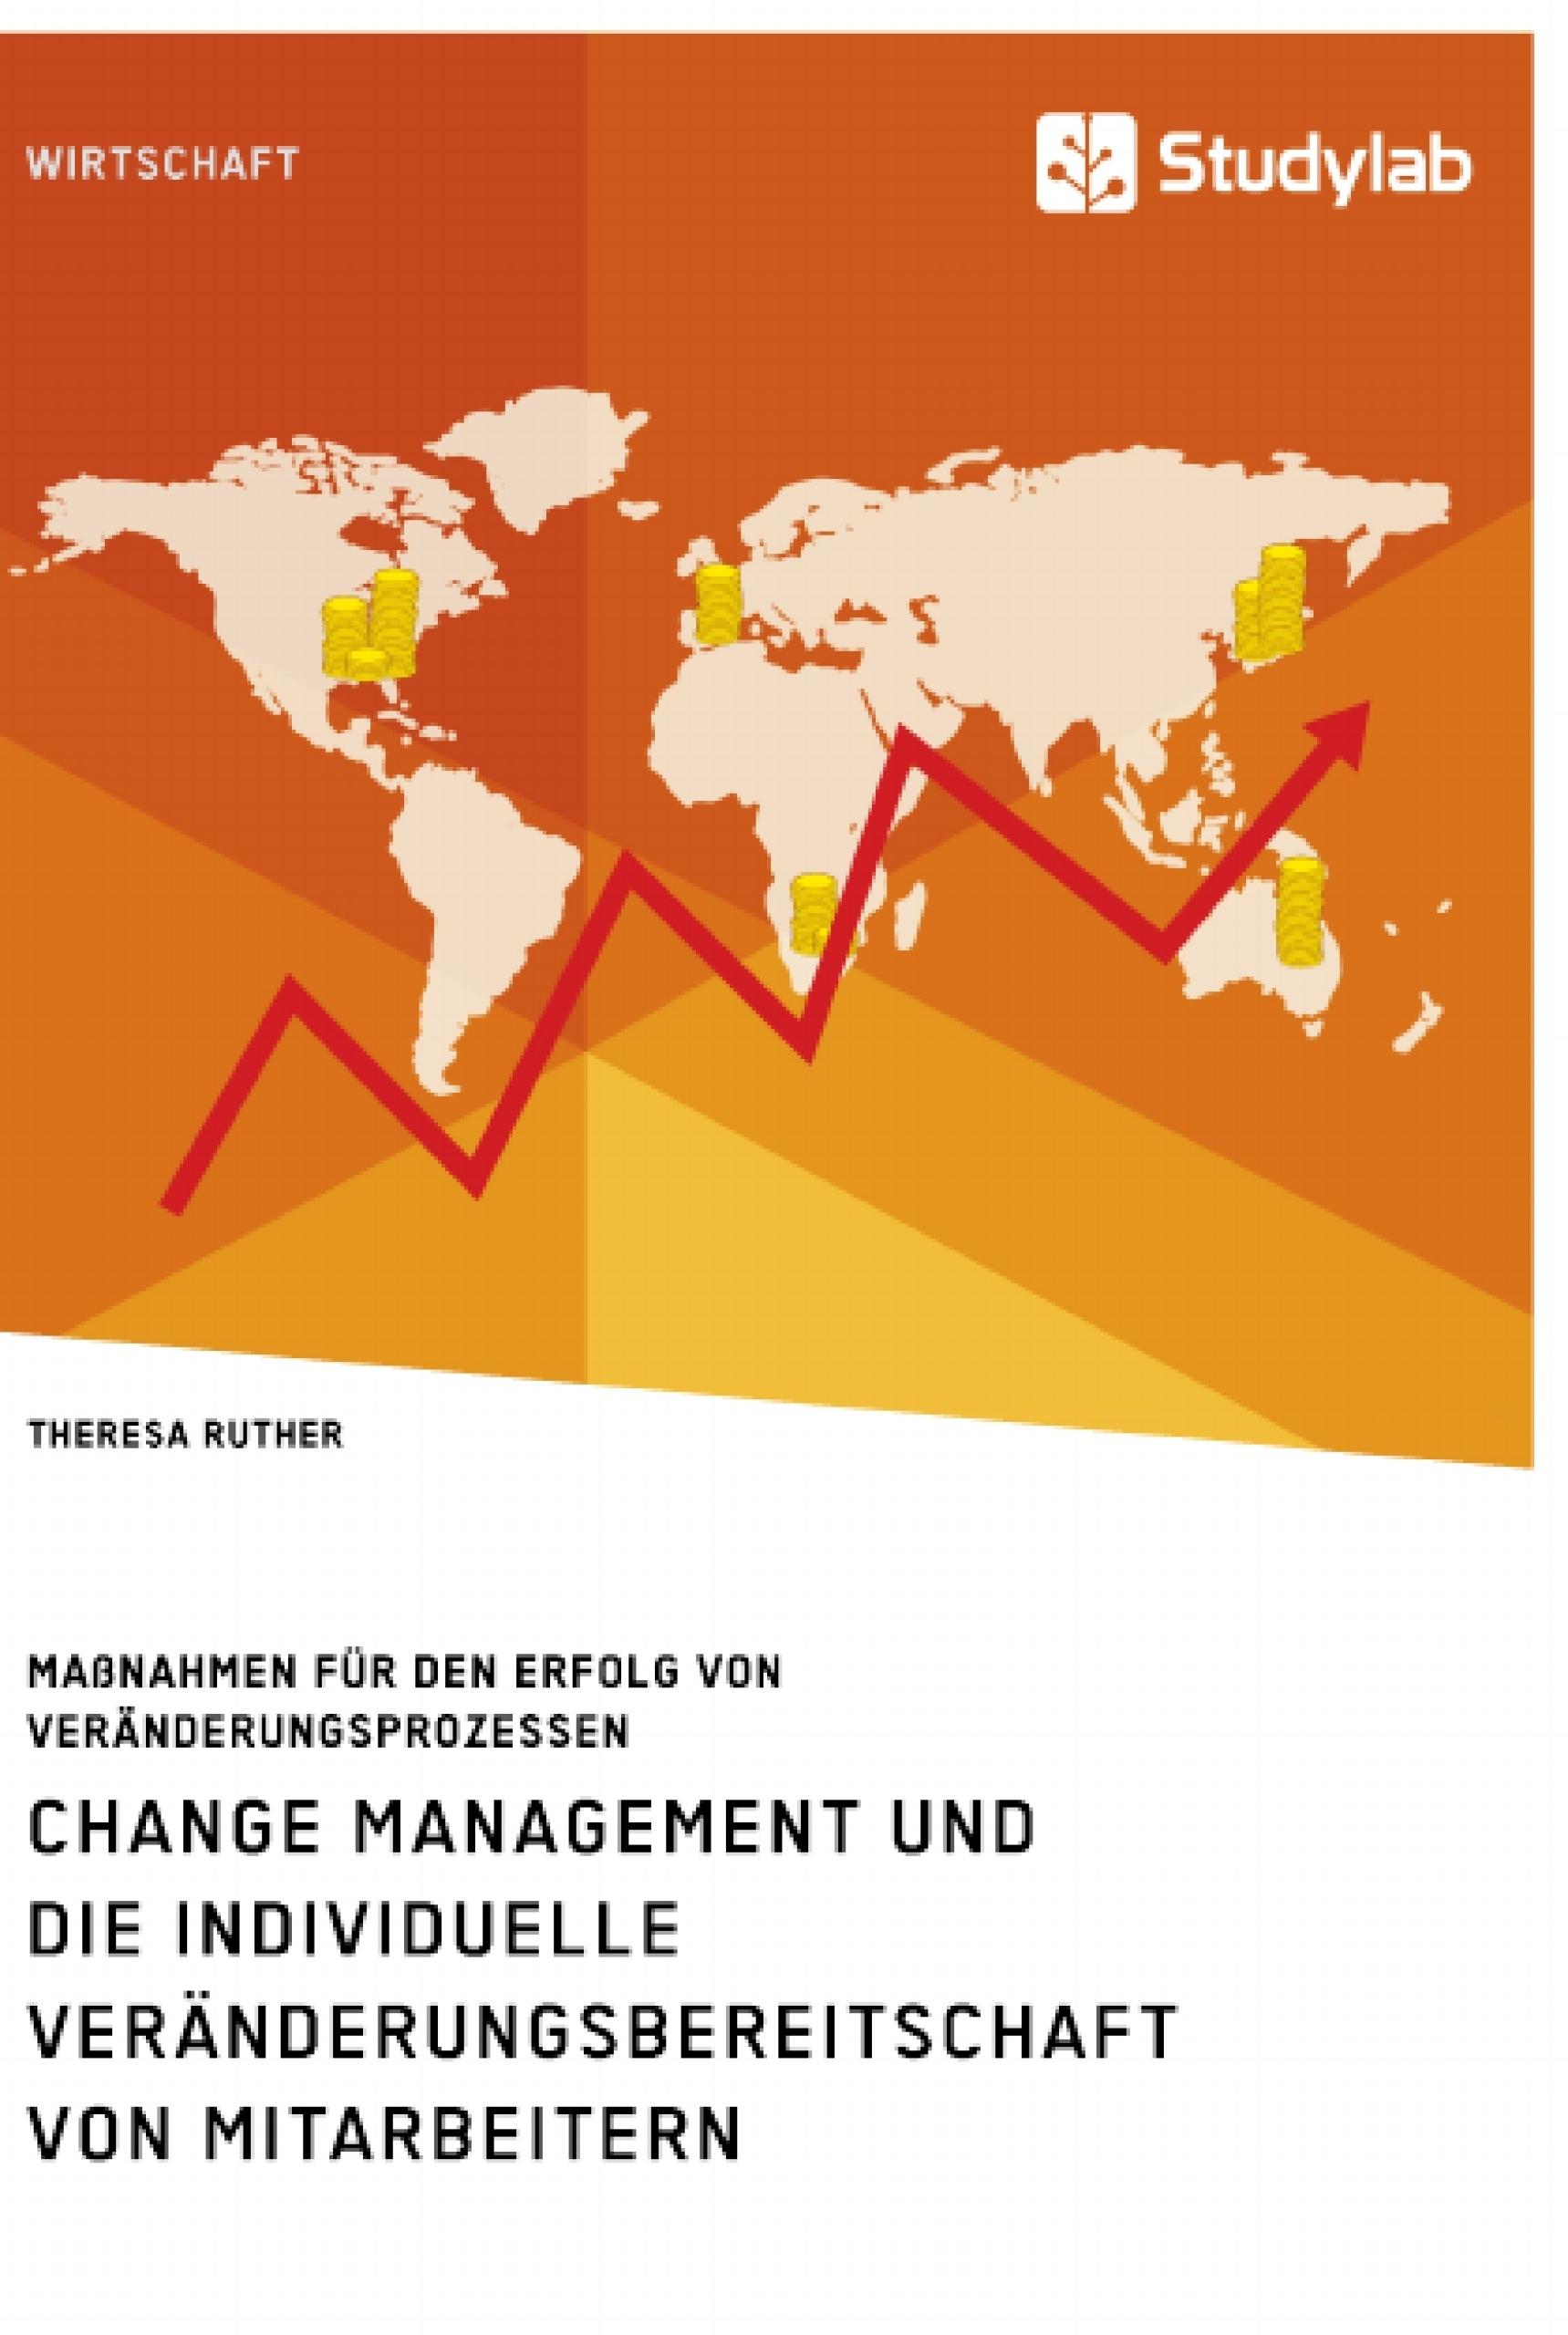 Titel: Change Management und die individuelle Veränderungsbereitschaft von Mitarbeitern. Maßnahmen für den Erfolg von Veränderungsprozessen